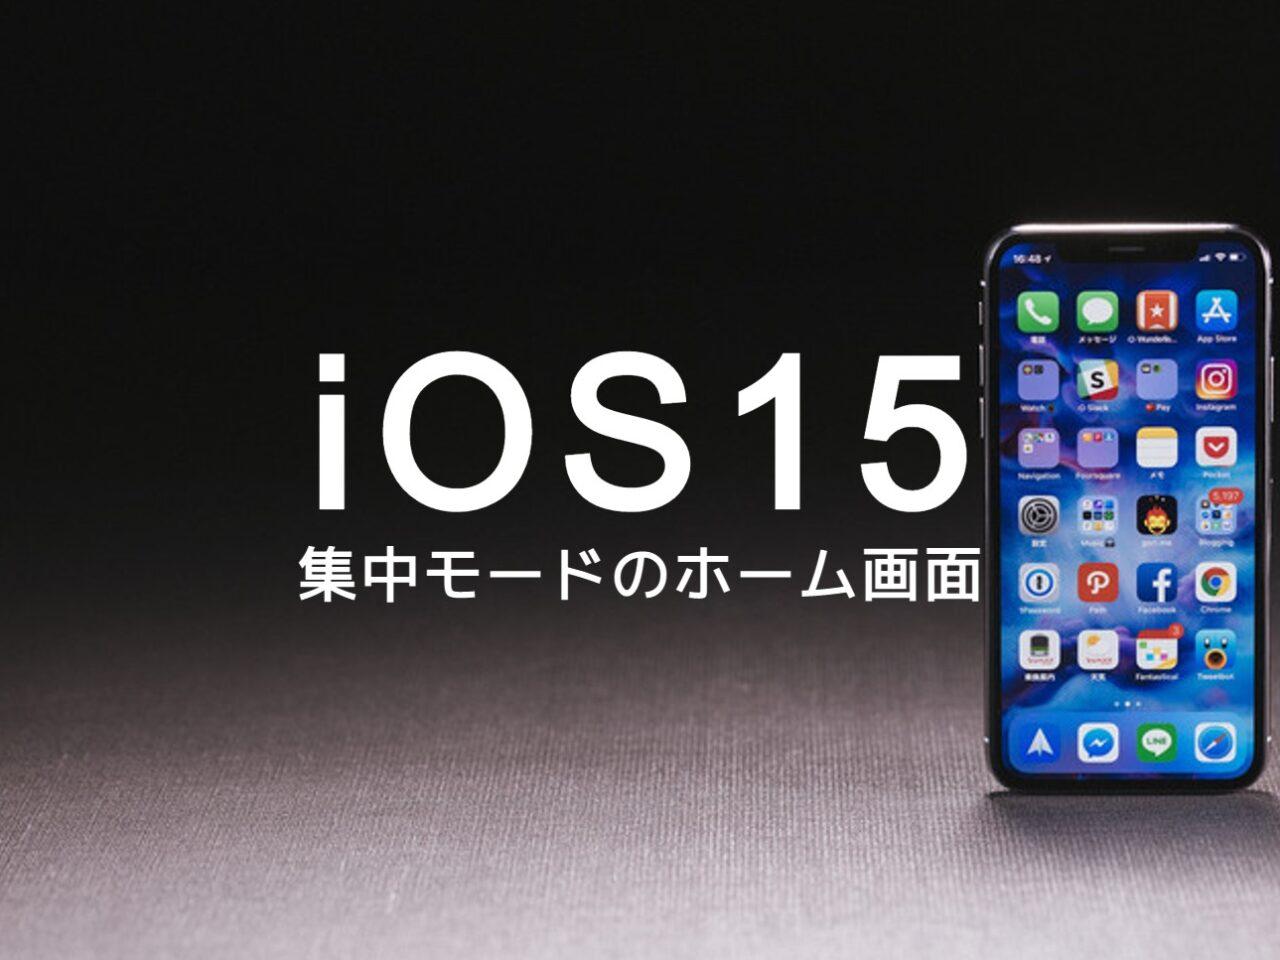 iOS15のiPhoneで集中モードでホーム画面をカスタマイズすることはできる?のサムネイル画像